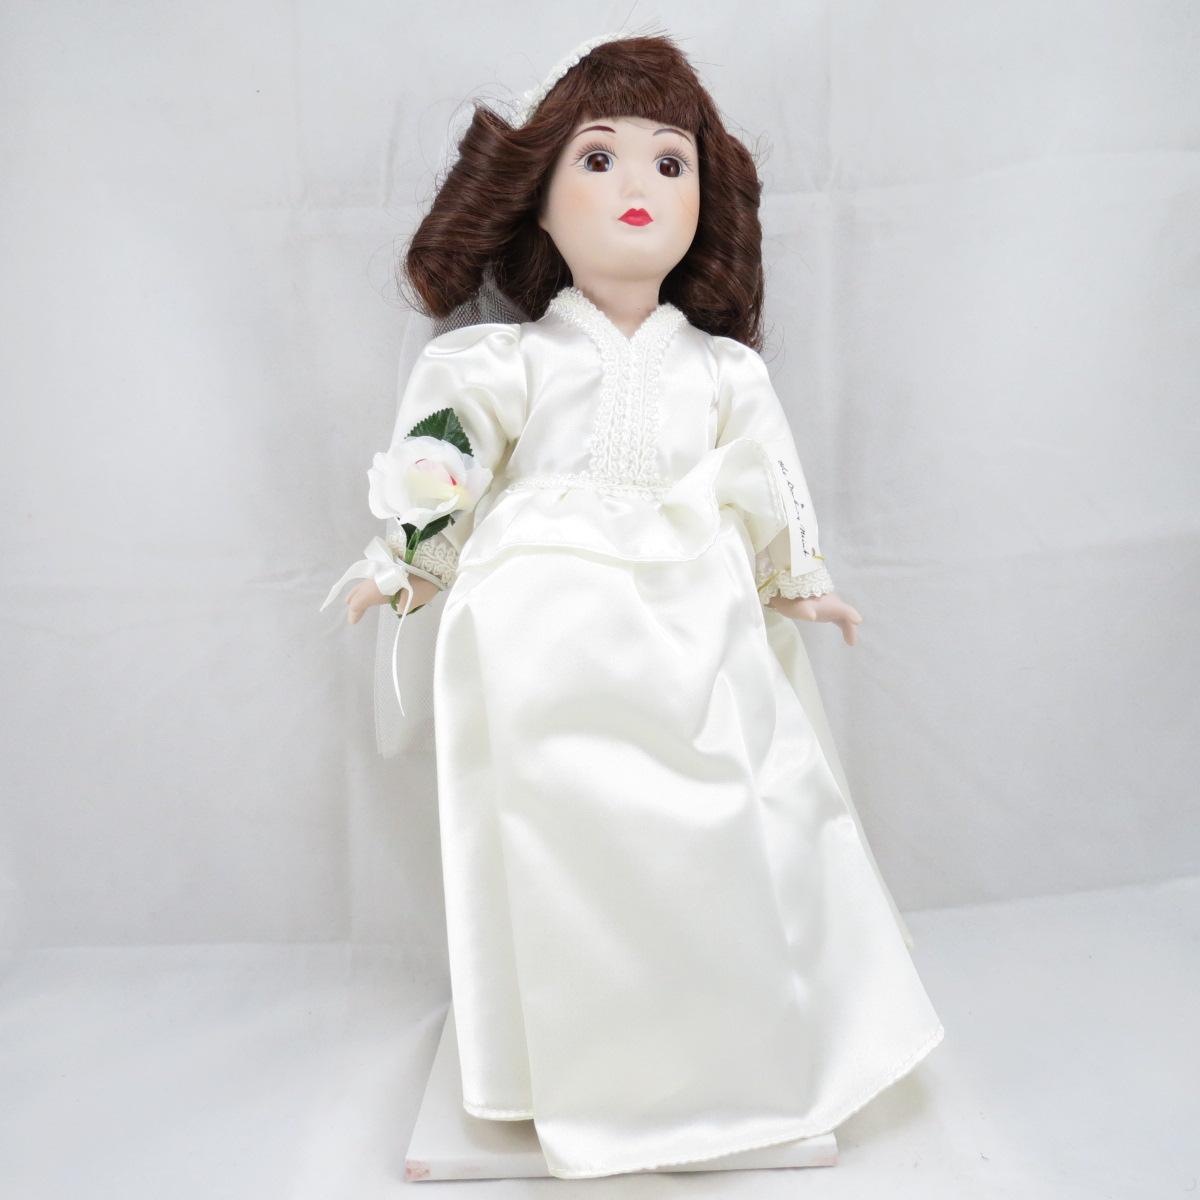 """Декоративная коллекционная фарфоровая кукла из серии """"Невесты Америки"""".  Название куклы - Линдси. Современная Невеста.  Фирма производитель - Danbury Mint, США. Высота Куклы - 32,5см. Сохранность - Очень хорошая, без сколов, трещин и царапин.  Используется исключительно в декоративных целях.  Коробка не является декоративной и предназначена для пересылки по почте, так что, может иметь пометки и потёртости, учитывая возраст куклы."""